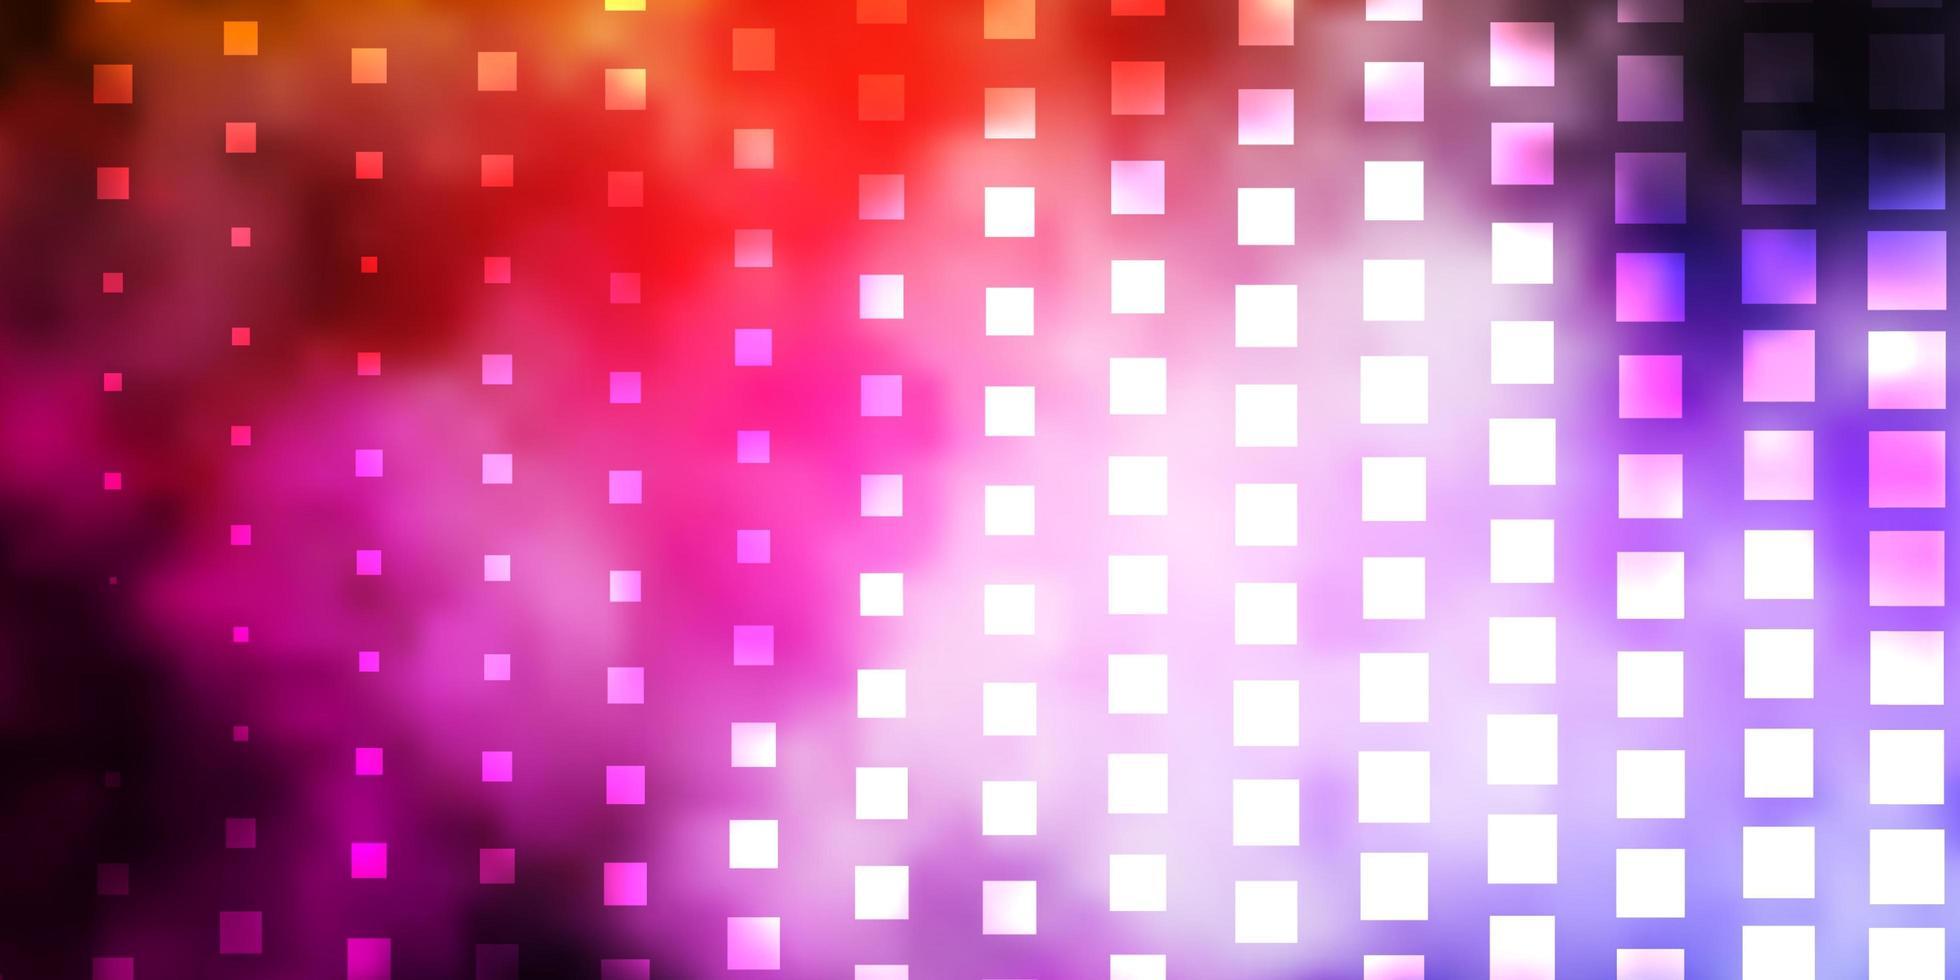 padrão de vetor rosa e amarelo escuro em estilo quadrado.